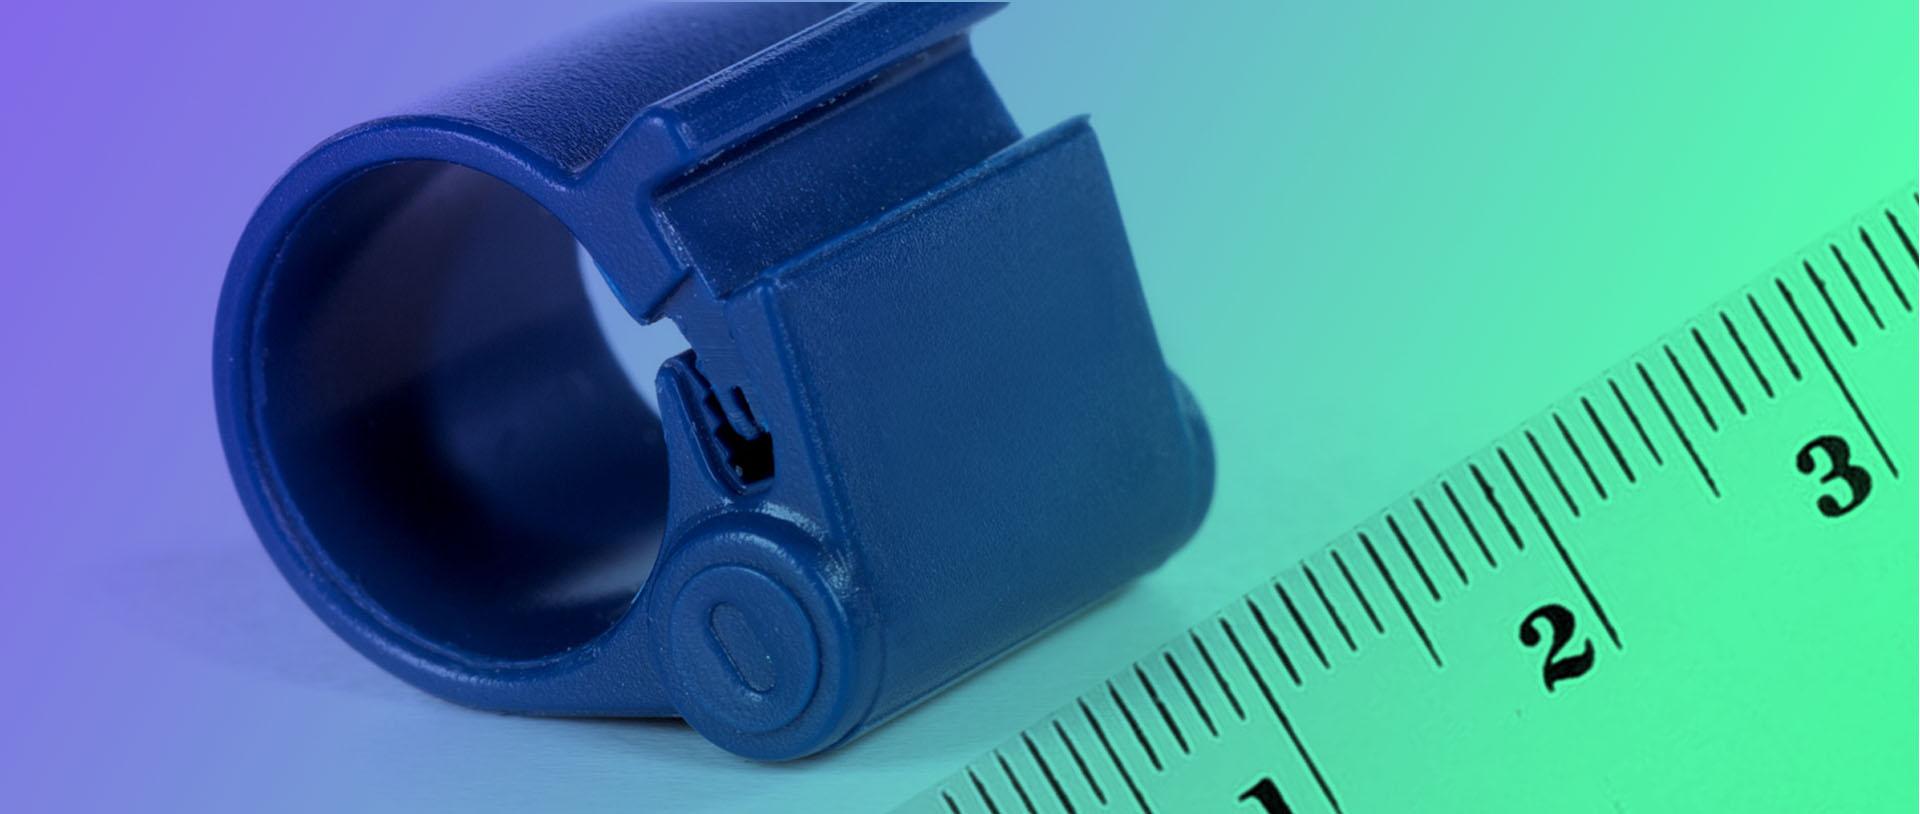 Mikro - produkcja małych elementów z tworzyw sztucznych